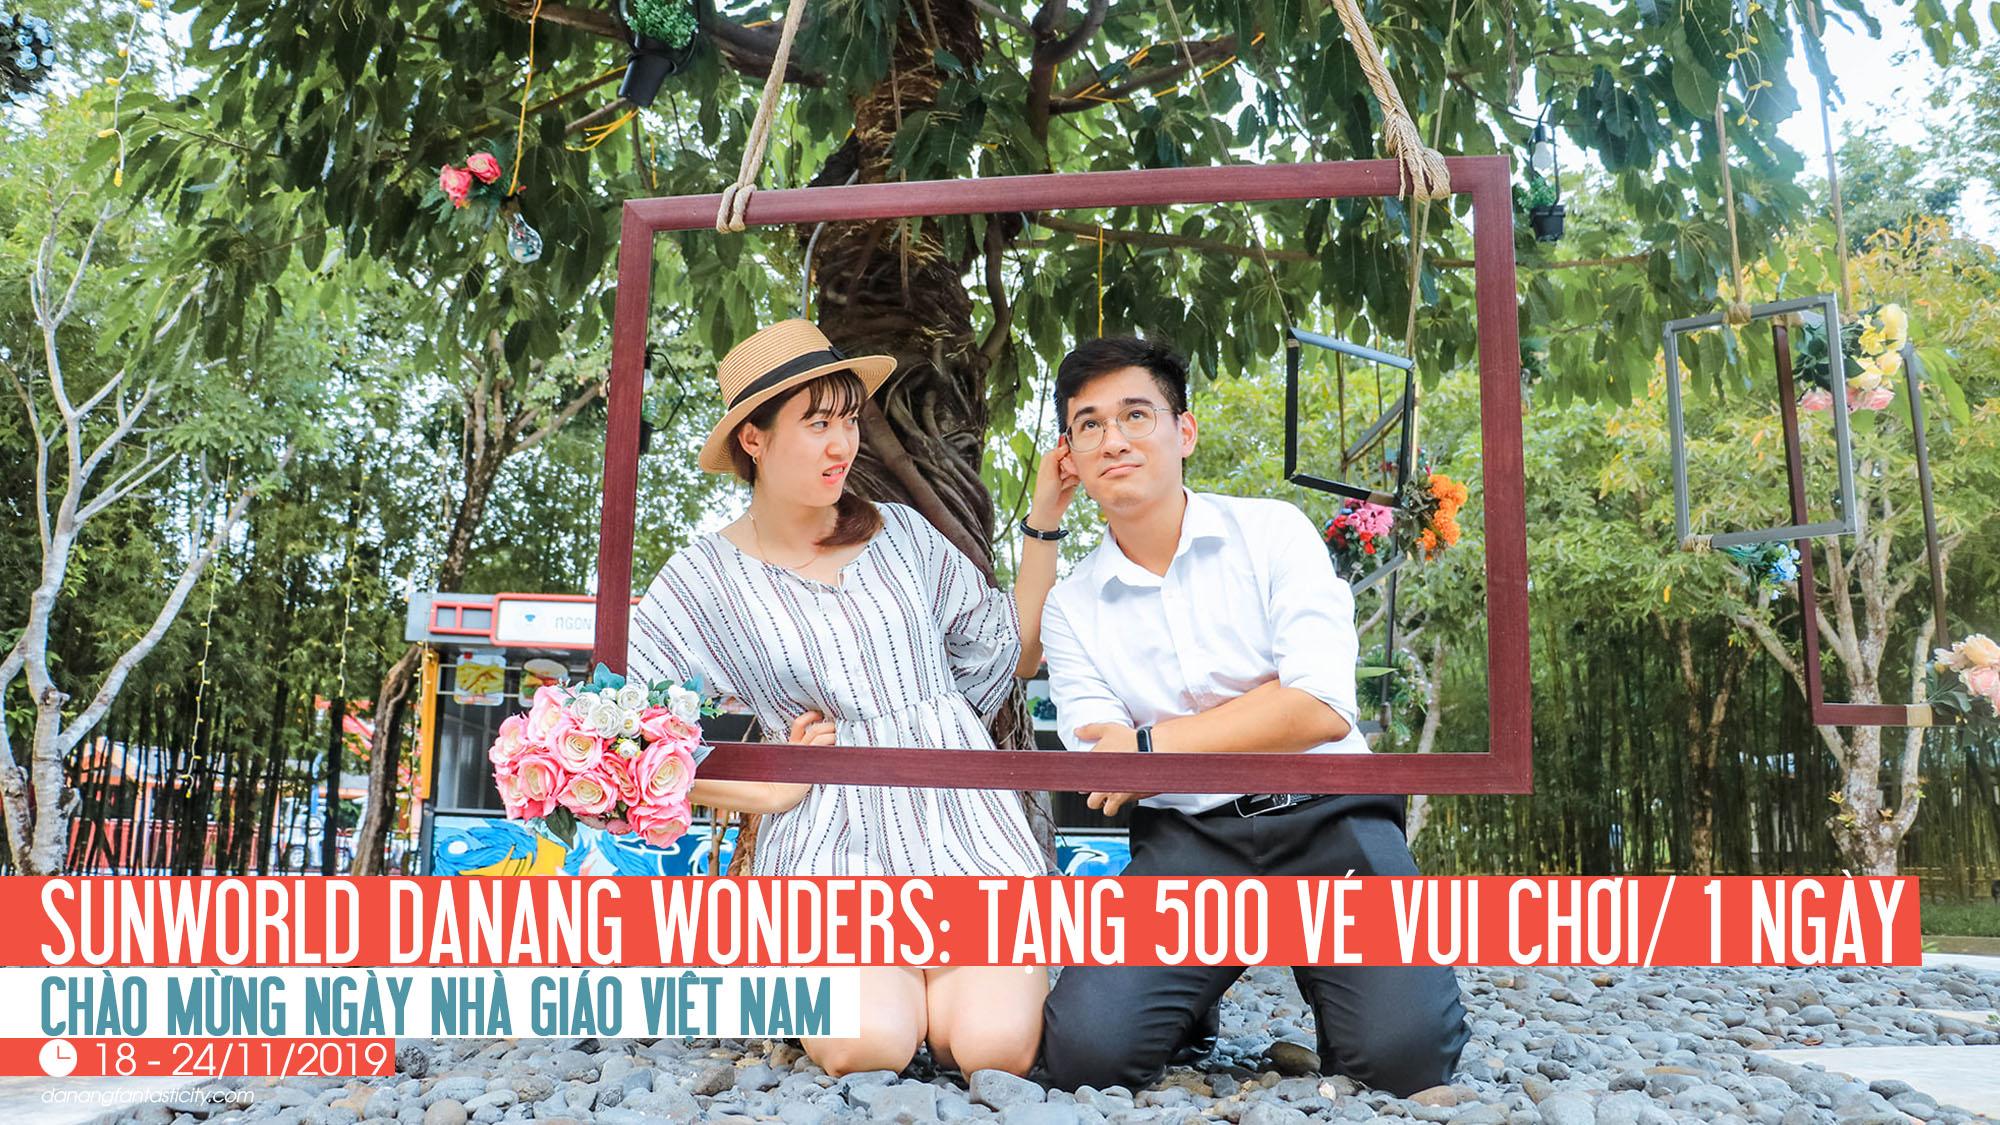 Sun World Danang Wonders Cac Su Kien Noi Bat Da Nang Thang 11 Chao Mua Dong 01